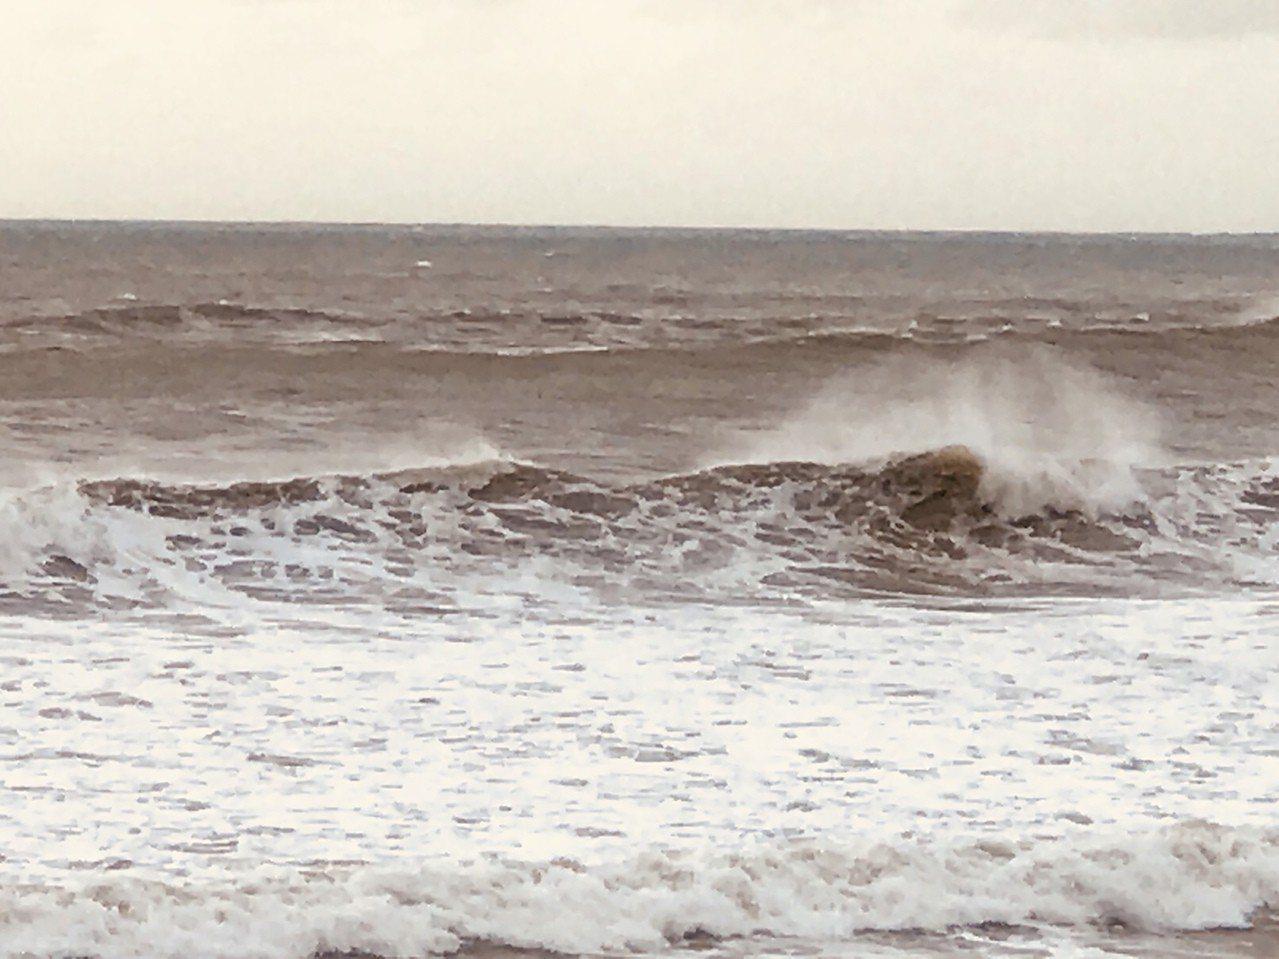 山竹颱風發布海上警報,屏東恆春半島海域14日上午開始出現長浪,墾丁部分海域浪高達...